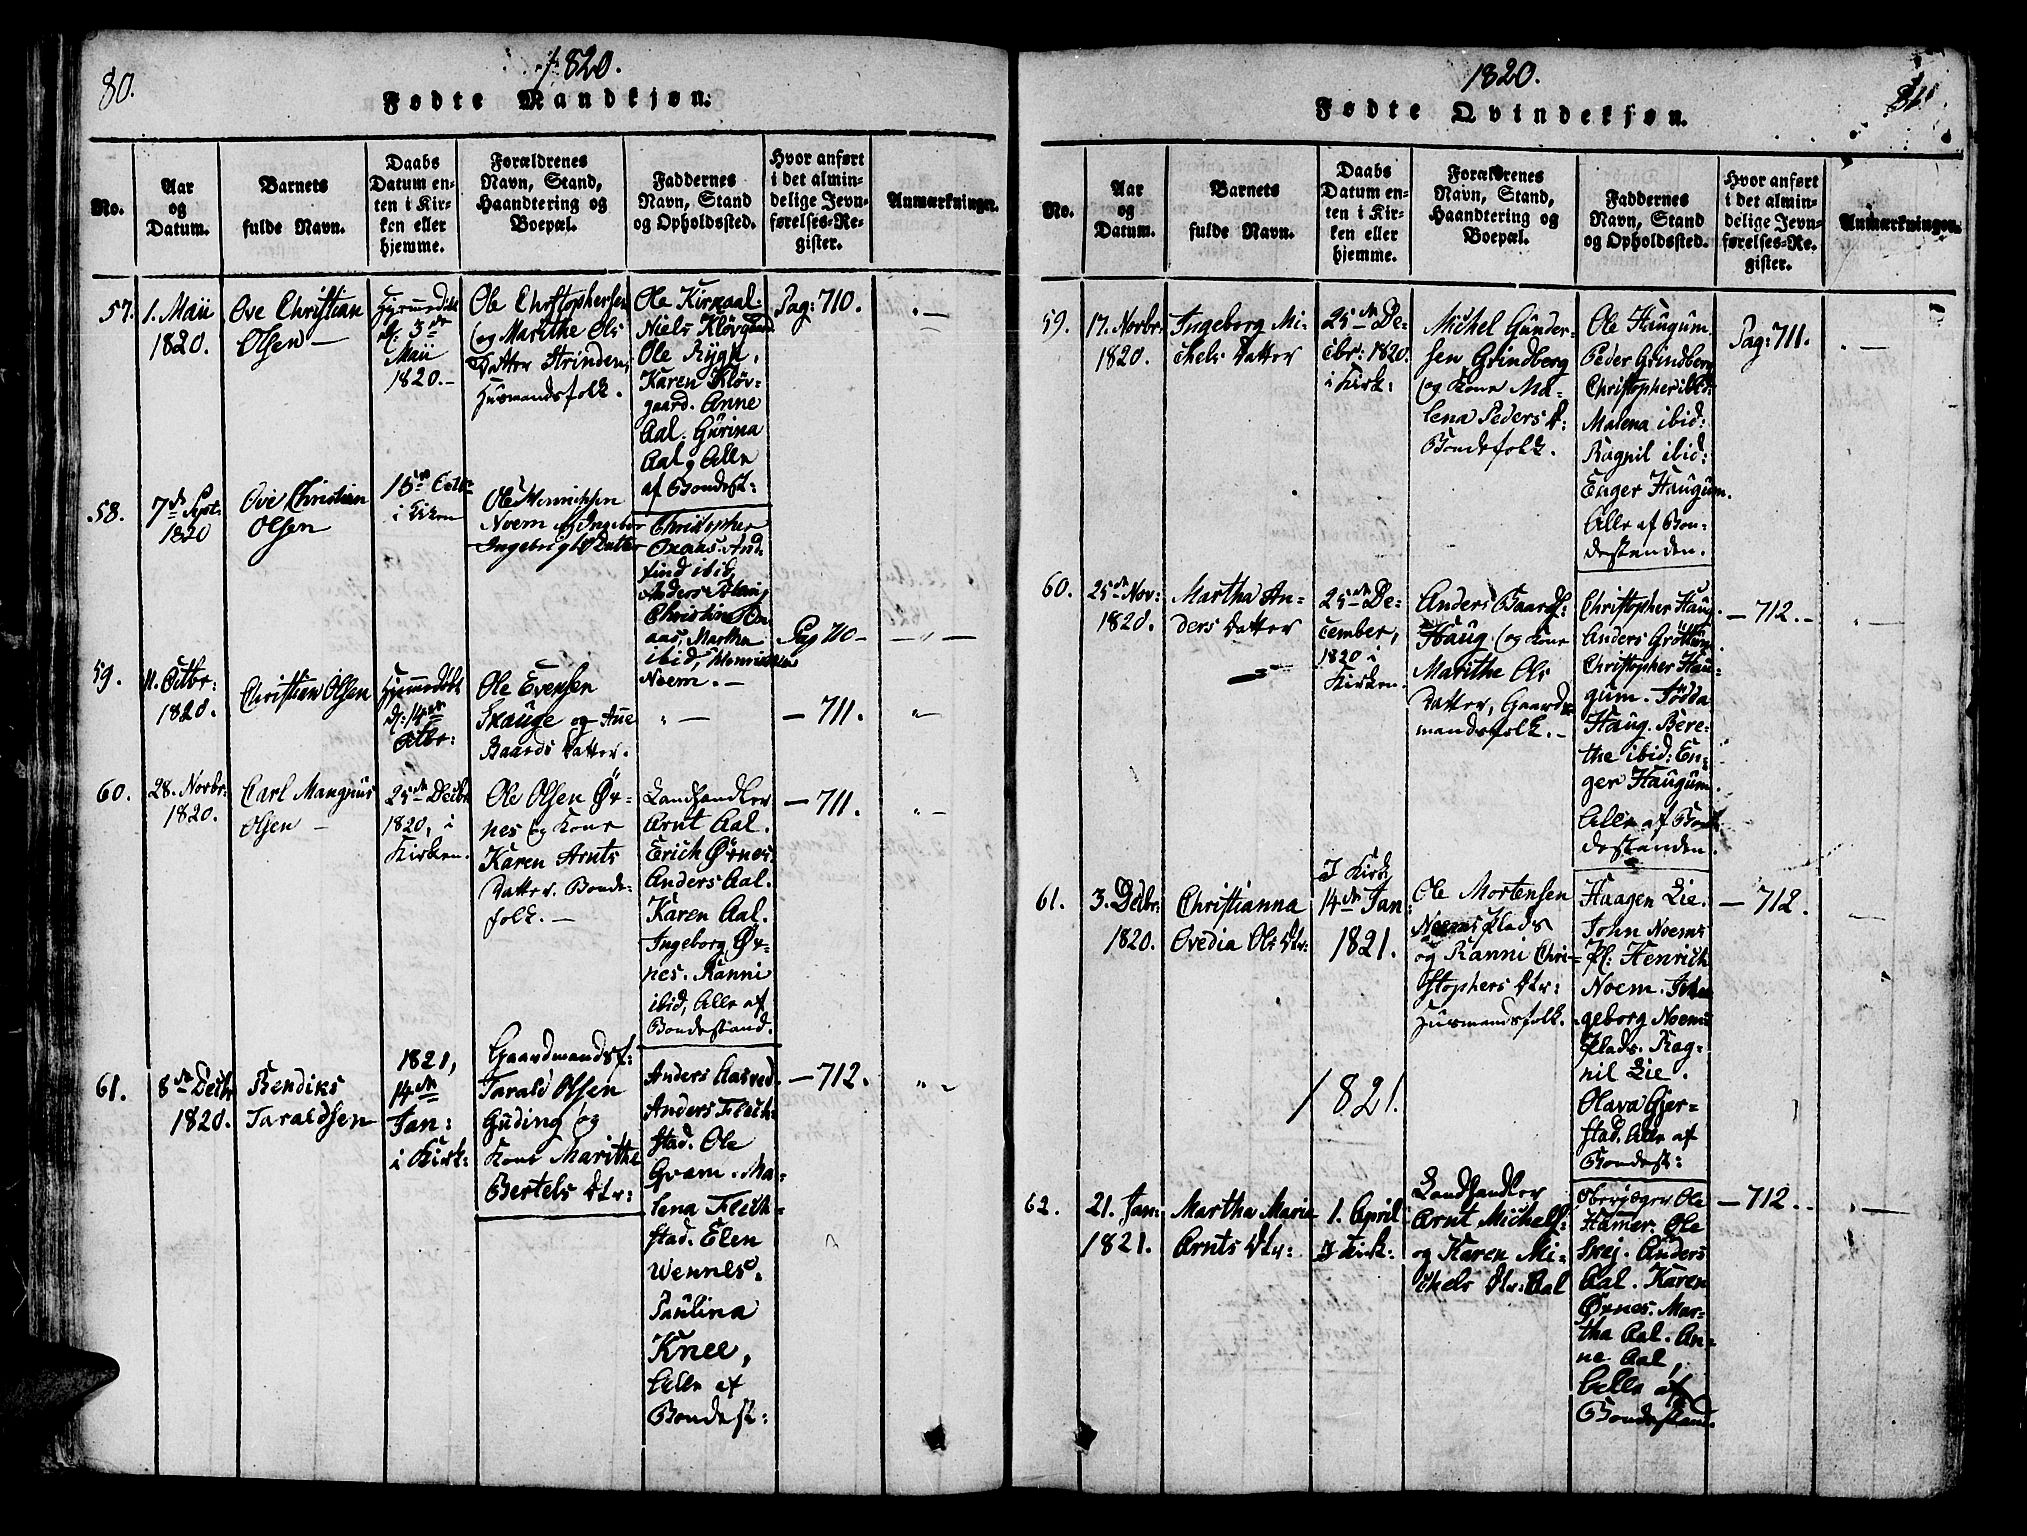 SAT, Ministerialprotokoller, klokkerbøker og fødselsregistre - Nord-Trøndelag, 746/L0441: Ministerialbok nr. 746A03 /2, 1816-1827, s. 80-81